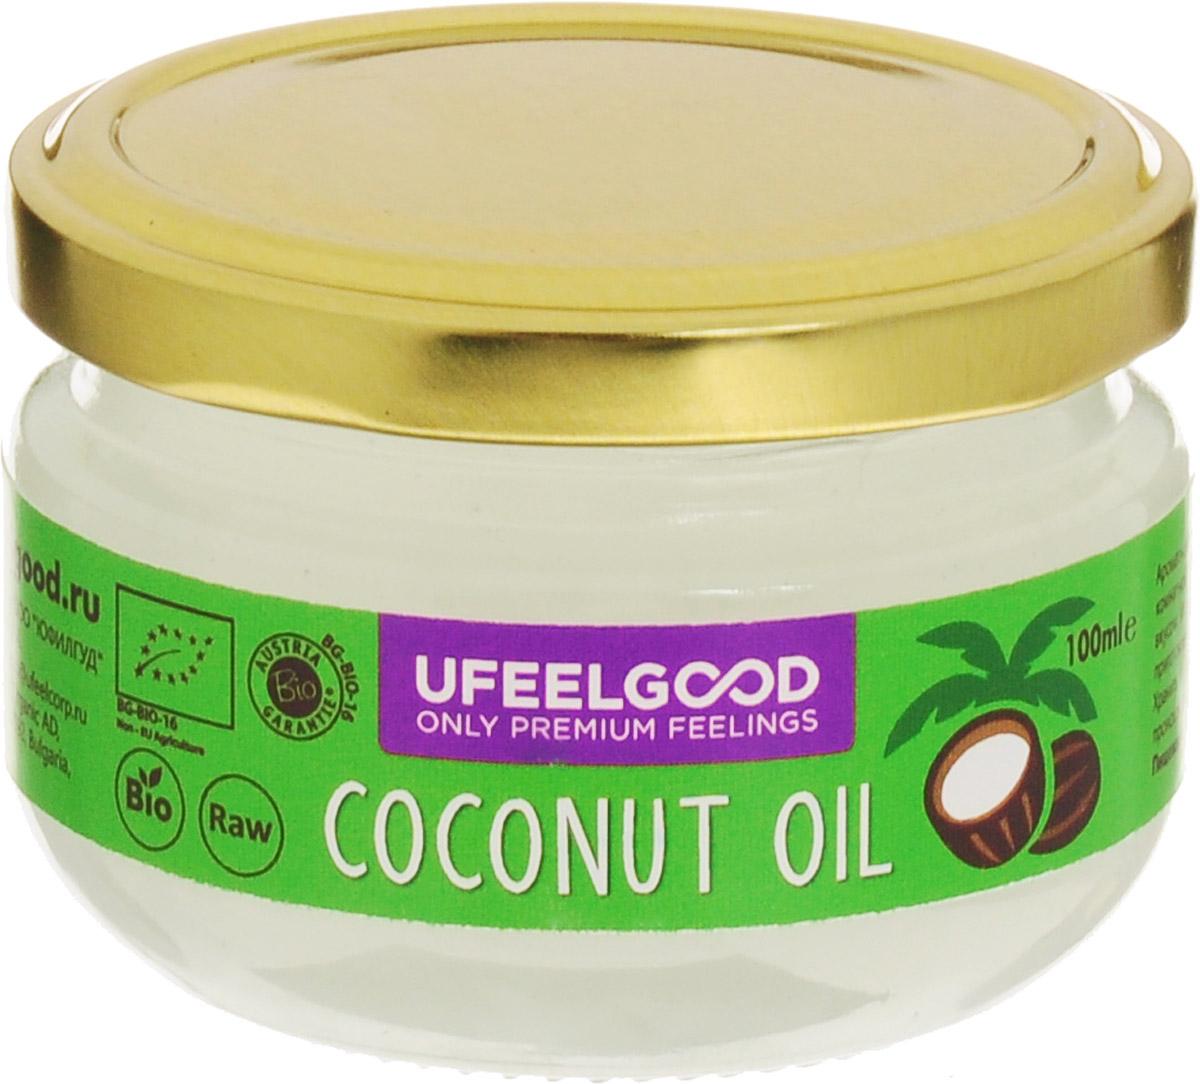 UFEELGOOD Coconut Oil кокосовое масло органическое, 100 мл0120710Кокосовое масло идеально подходит для приготовления пищи, так как его молекулы достаточно стабильны, чтобы выдерживать нагрев, не окисляясь.Также масло можно использовать для наружного применения: массаж с ароматерапией, различные маски насыщают, увлажняют и охлаждают кожу, оказывая противовоспалительное действие. Применение кокосового масла уменьшает симптомы кожных заболеваний, поддерживает естественный биохимический баланс кожи, помогает устранить сухость и шелушение, препятствует образованию морщин, дряблости кожи и пигментных пятен.